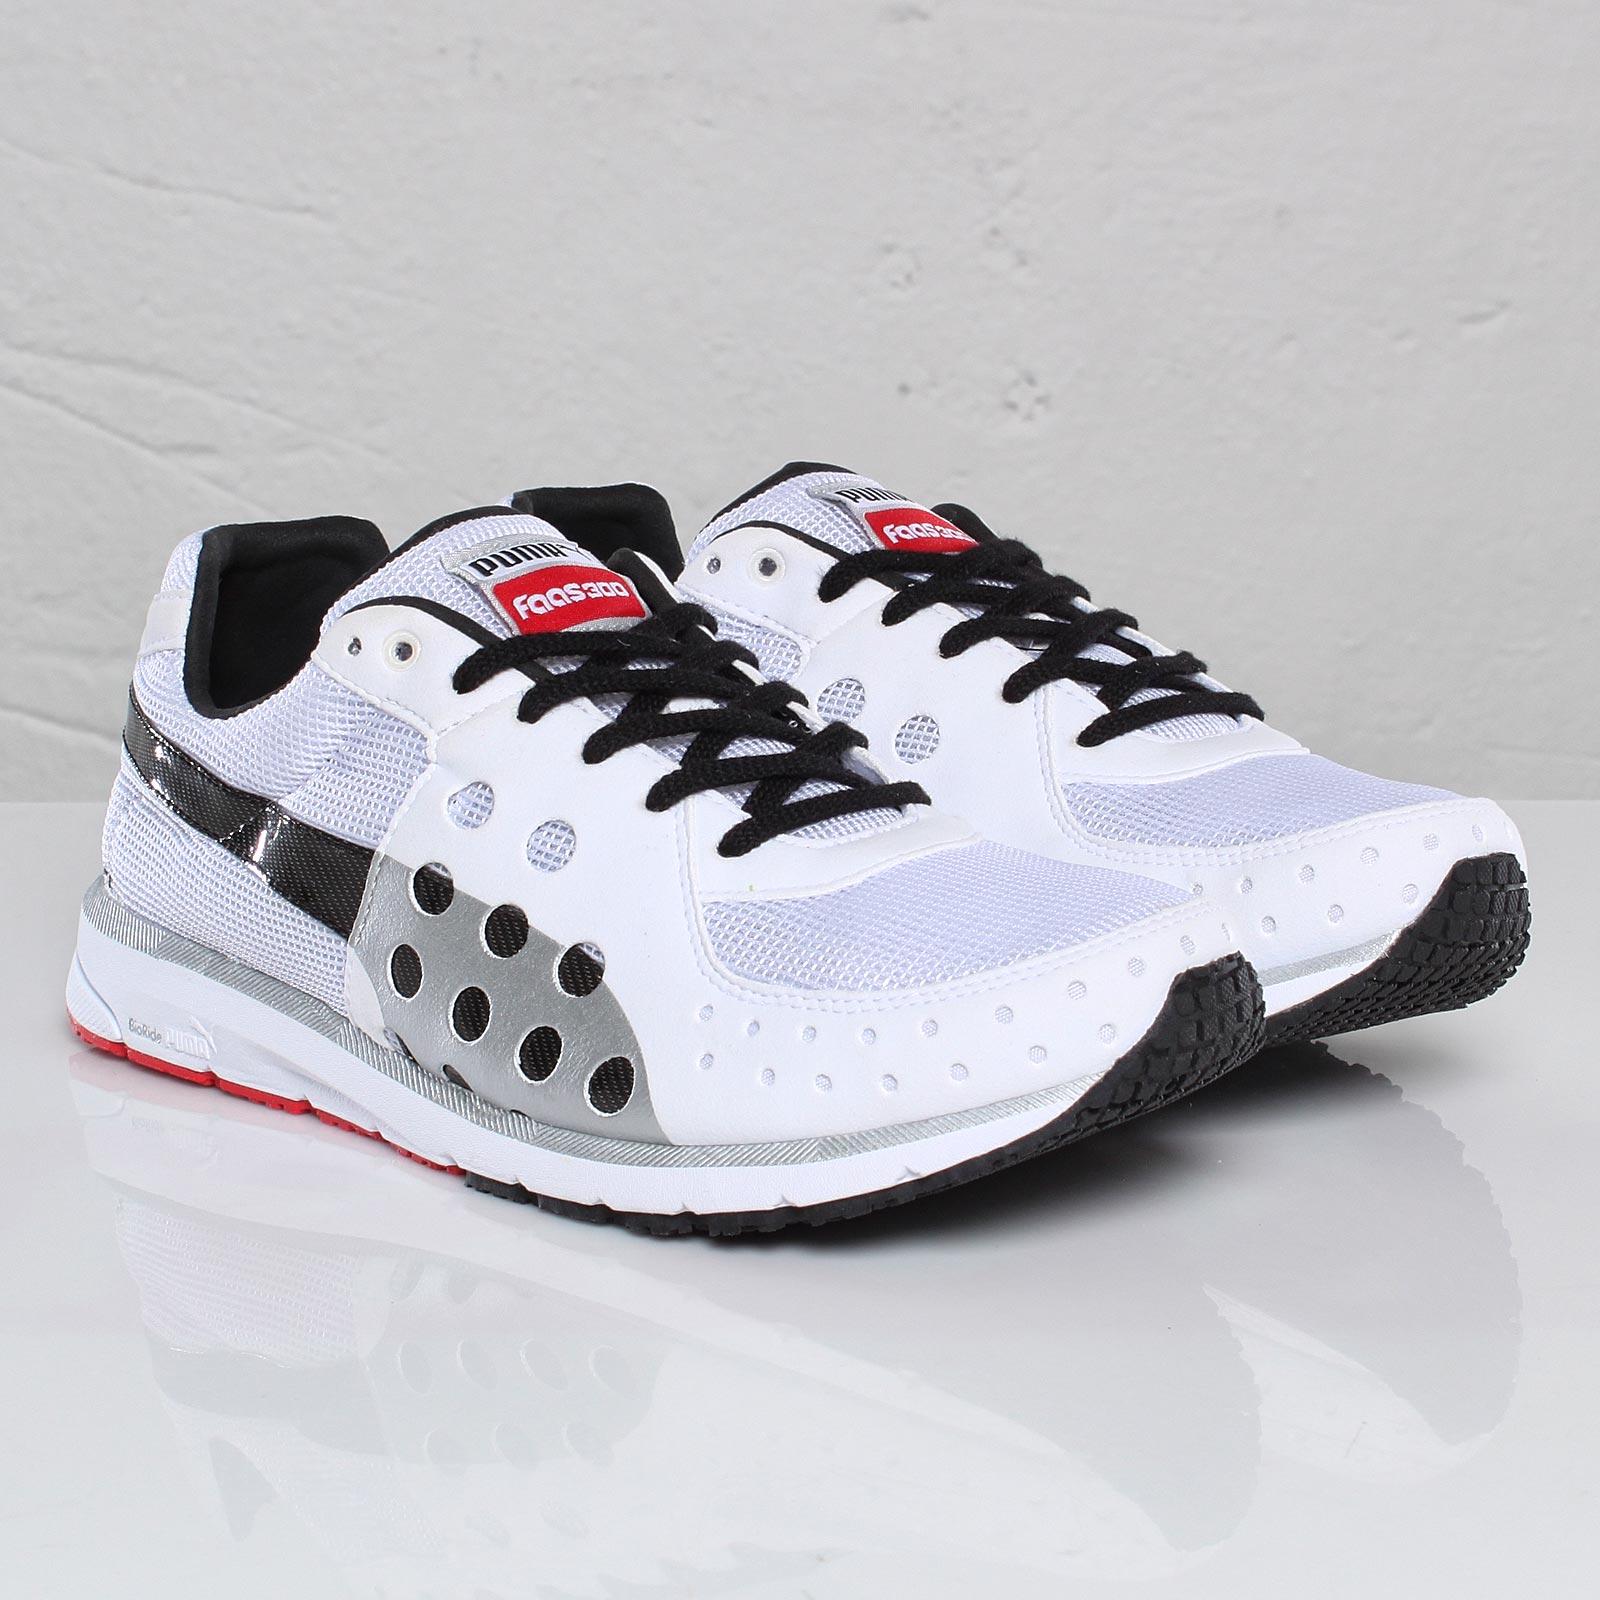 Puma Faas 300 - 101579 - SNS | sneakers & streetwear online since 1999